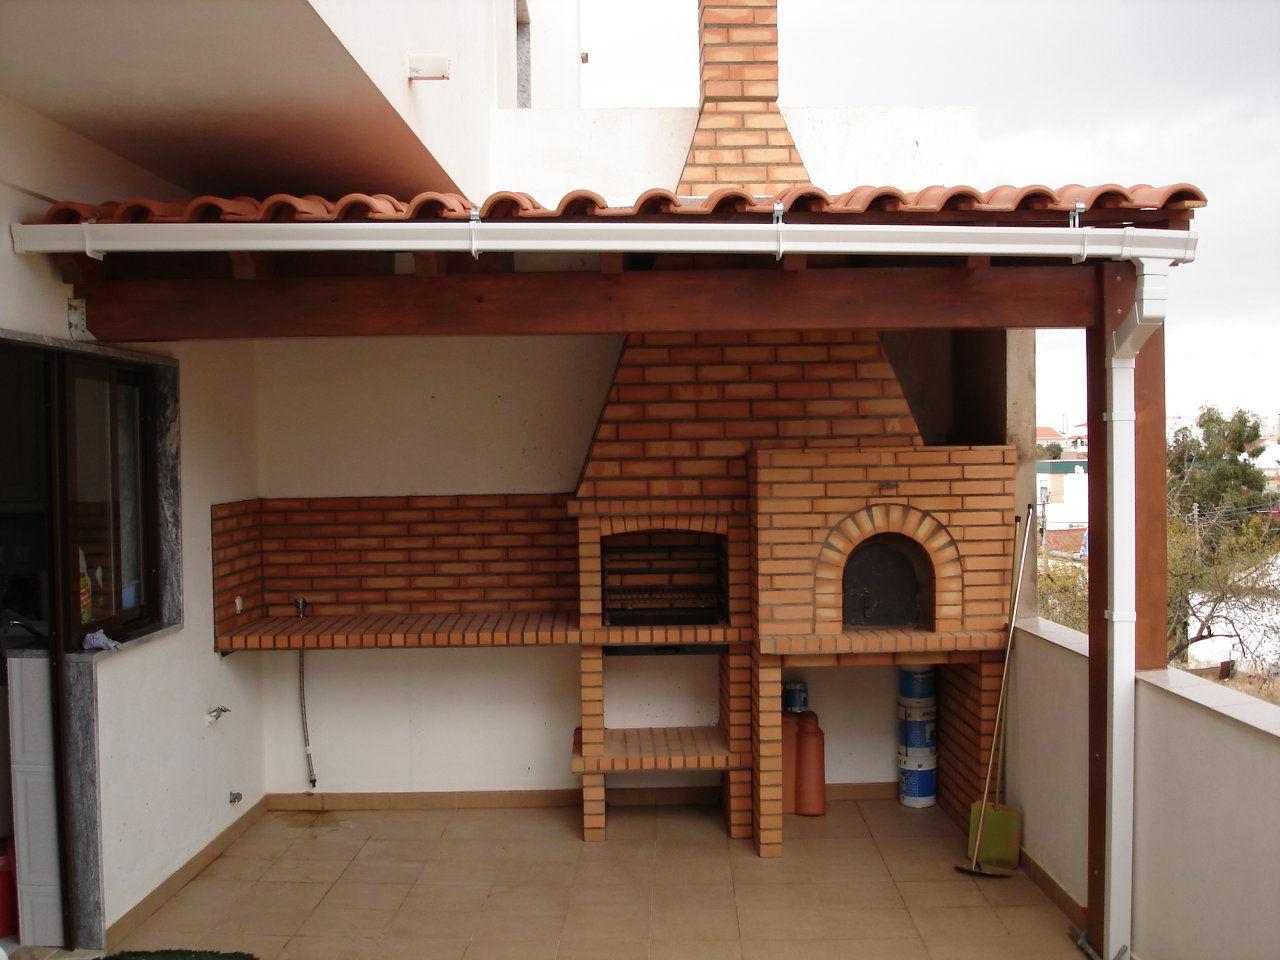 Forno e barbecue elegant euro brico stufe a pellet e for Casa del barbecue